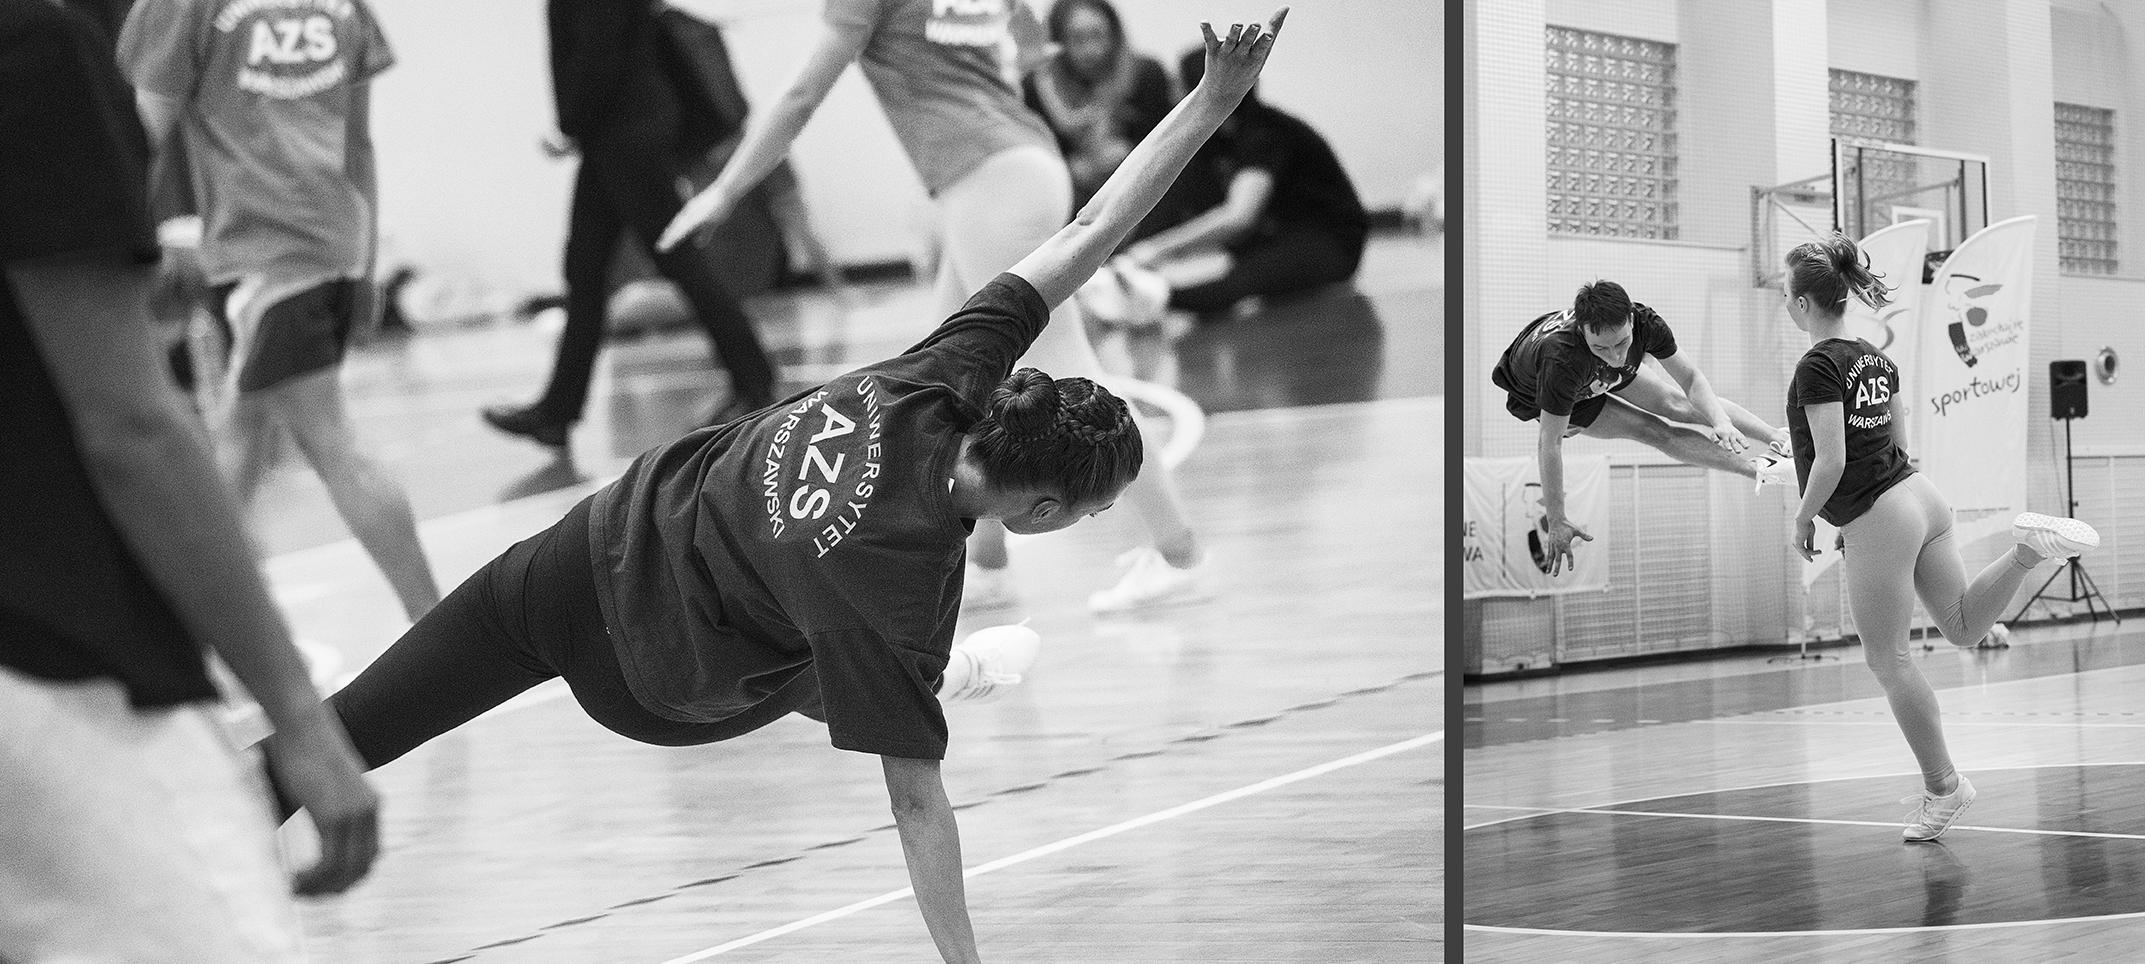 MILUNA-Ewa-Milun-Walczak-relacja-sportowa-black-and-white-czarno-biale-aerobik-sportowy-mistrzostwa-mazowska-w-aerobiku-sport-azs-15 copy